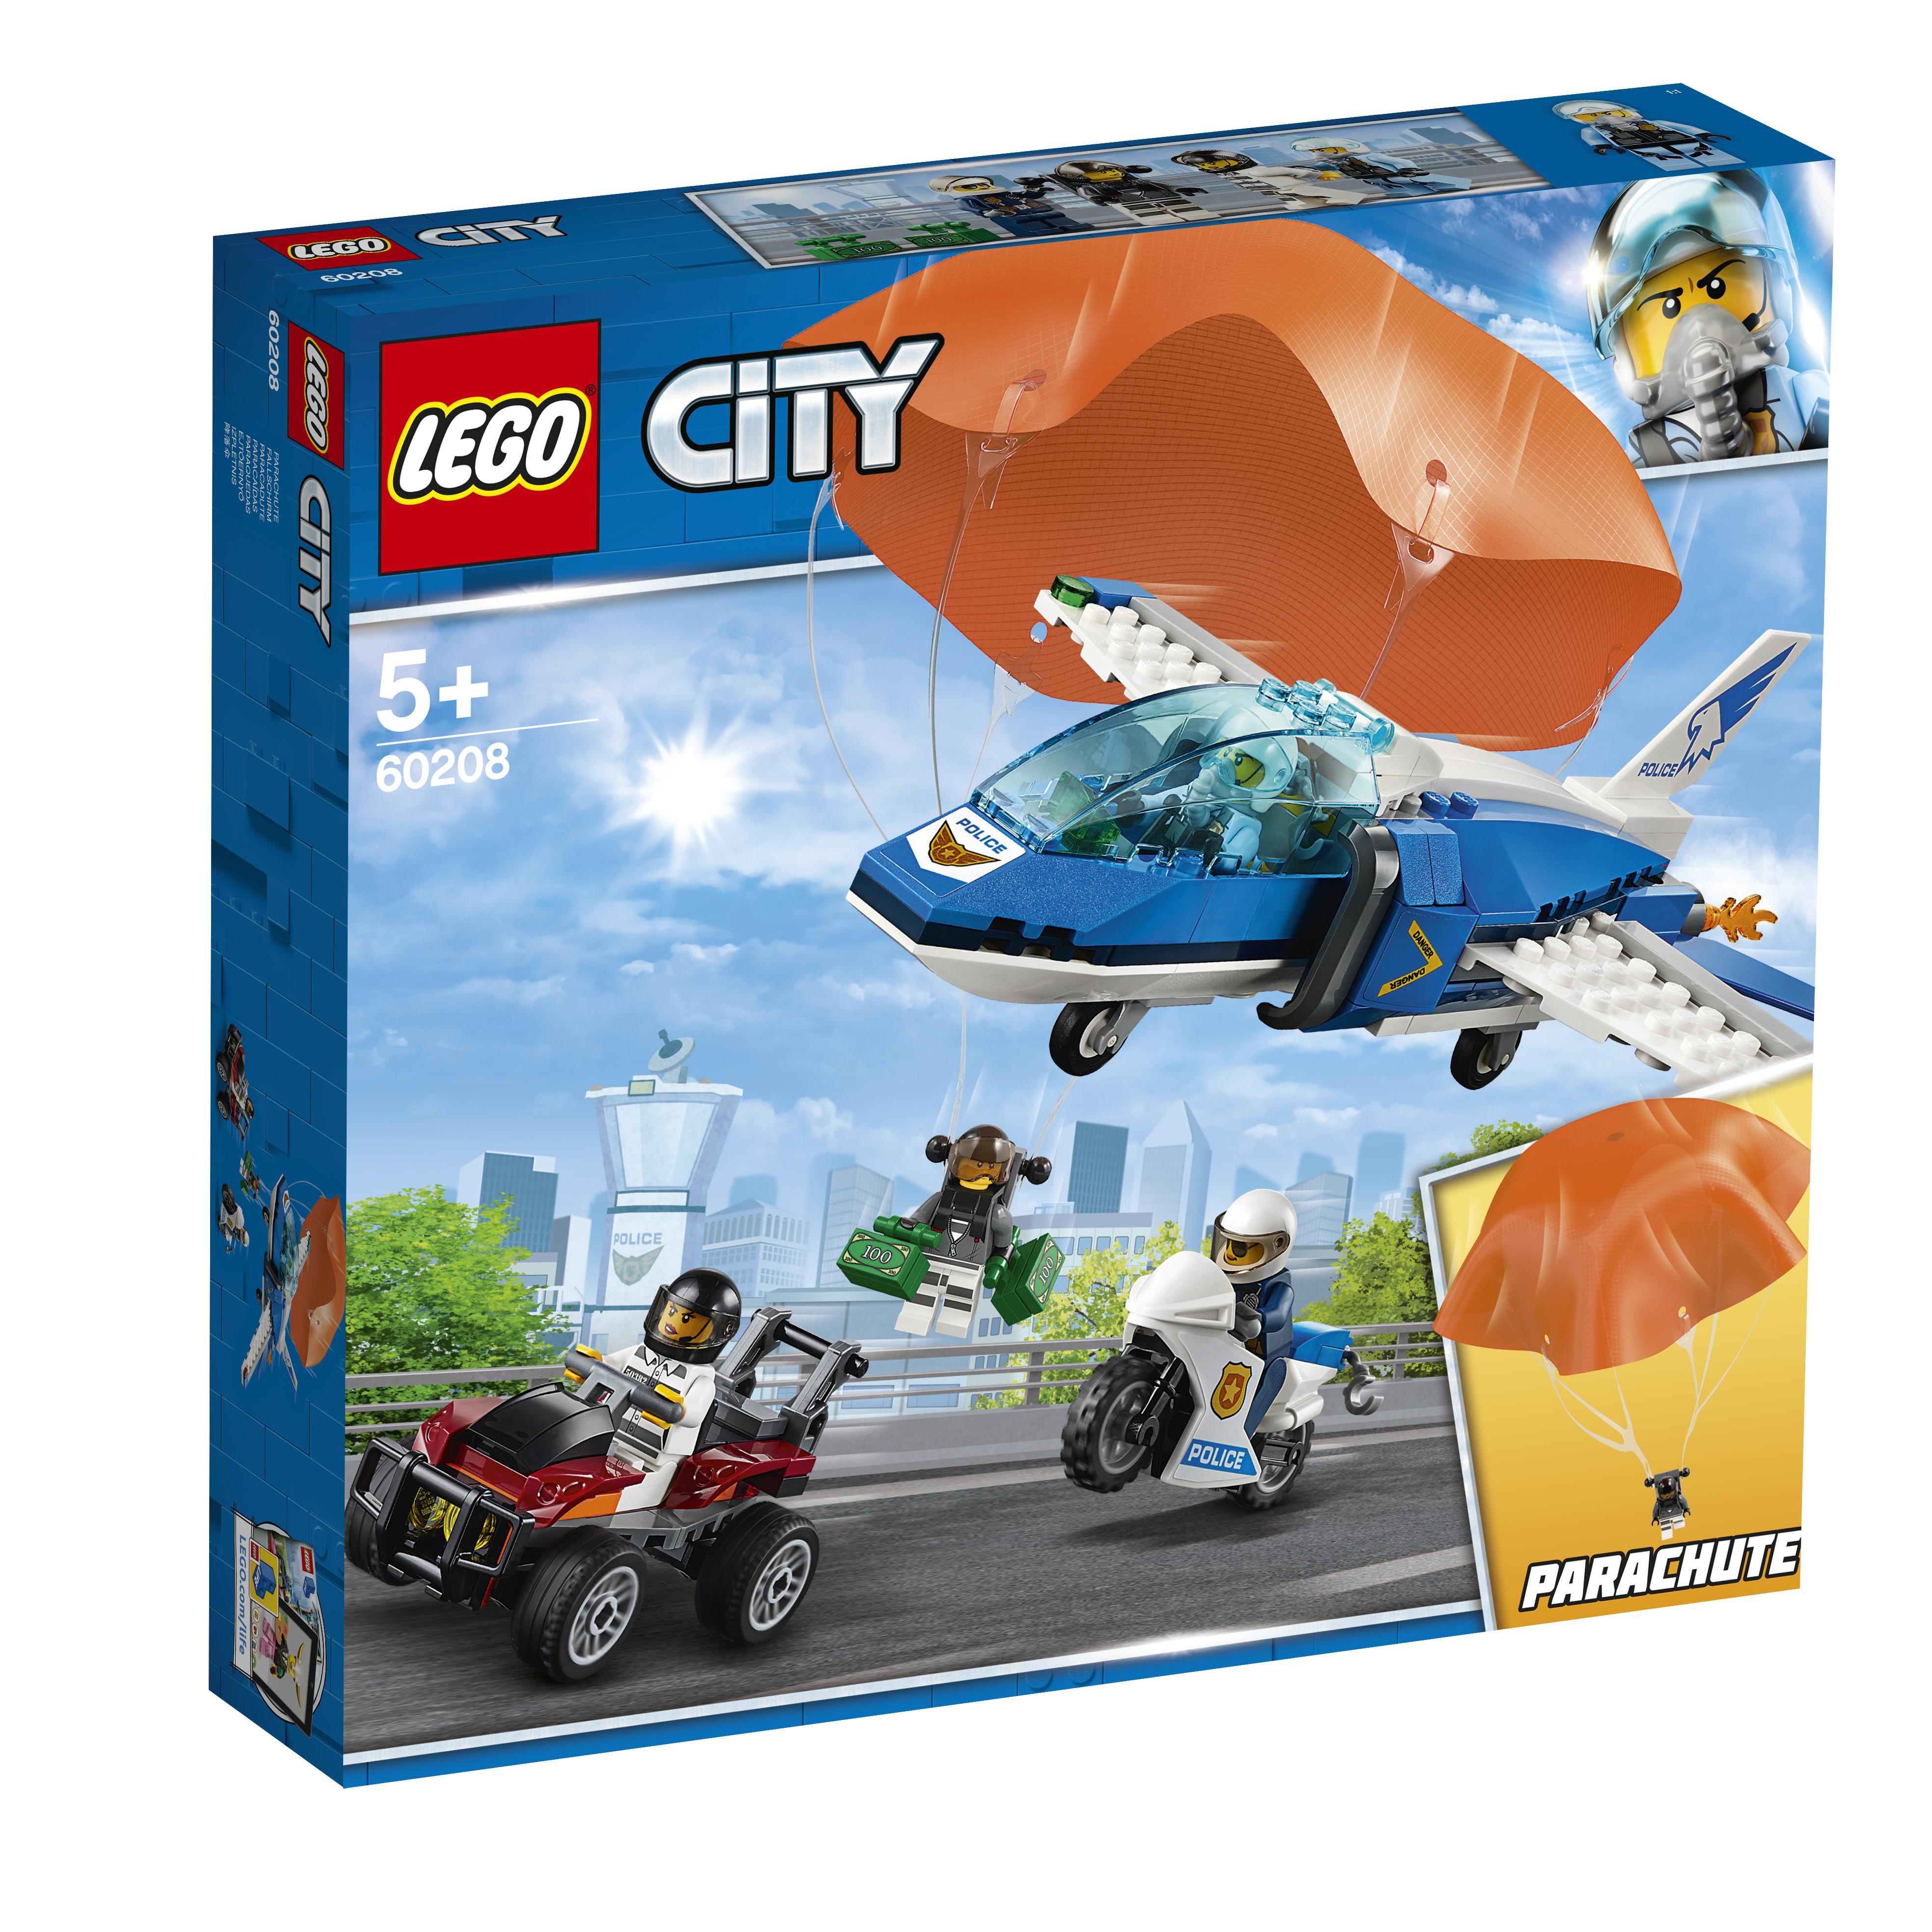 Конструктор LEGO City Police 60208 Воздушная полиция: арест парашютист конструктор lego city police воздушная полиция патрульный самолет 60206